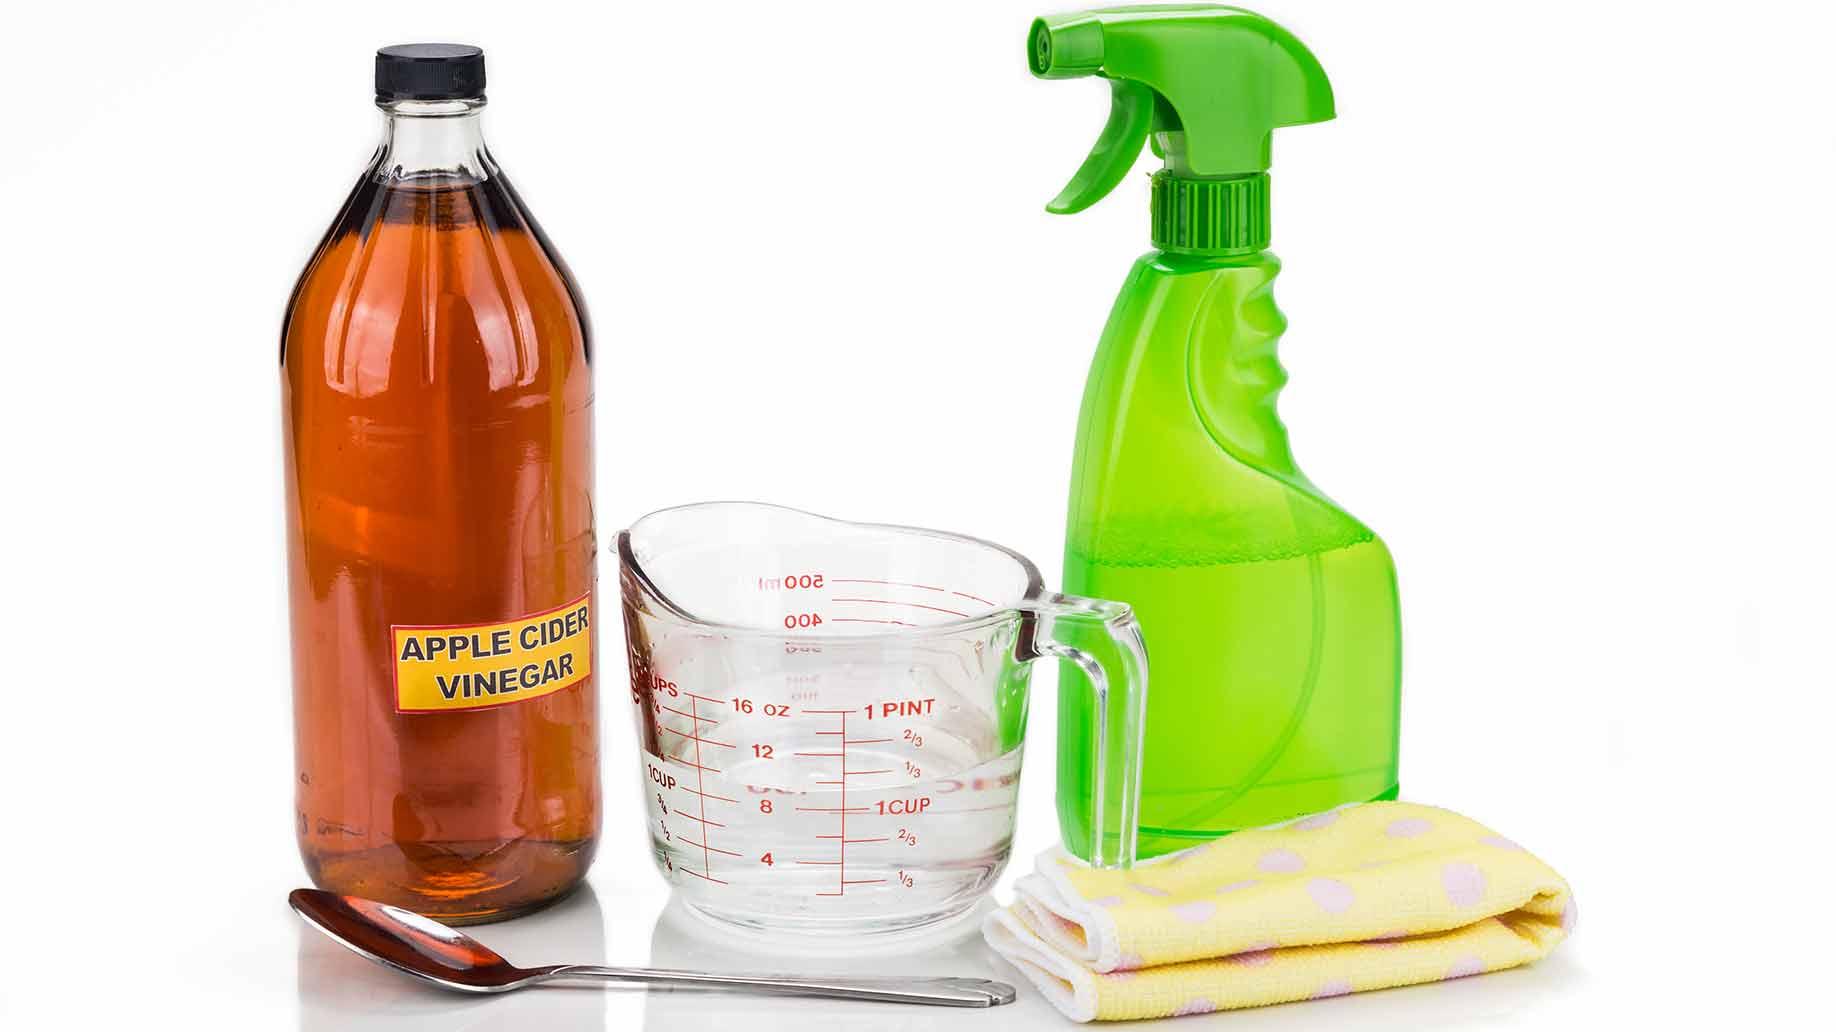 apple cider vinegar spray rinse water balance natural ph level hair diy shampoo